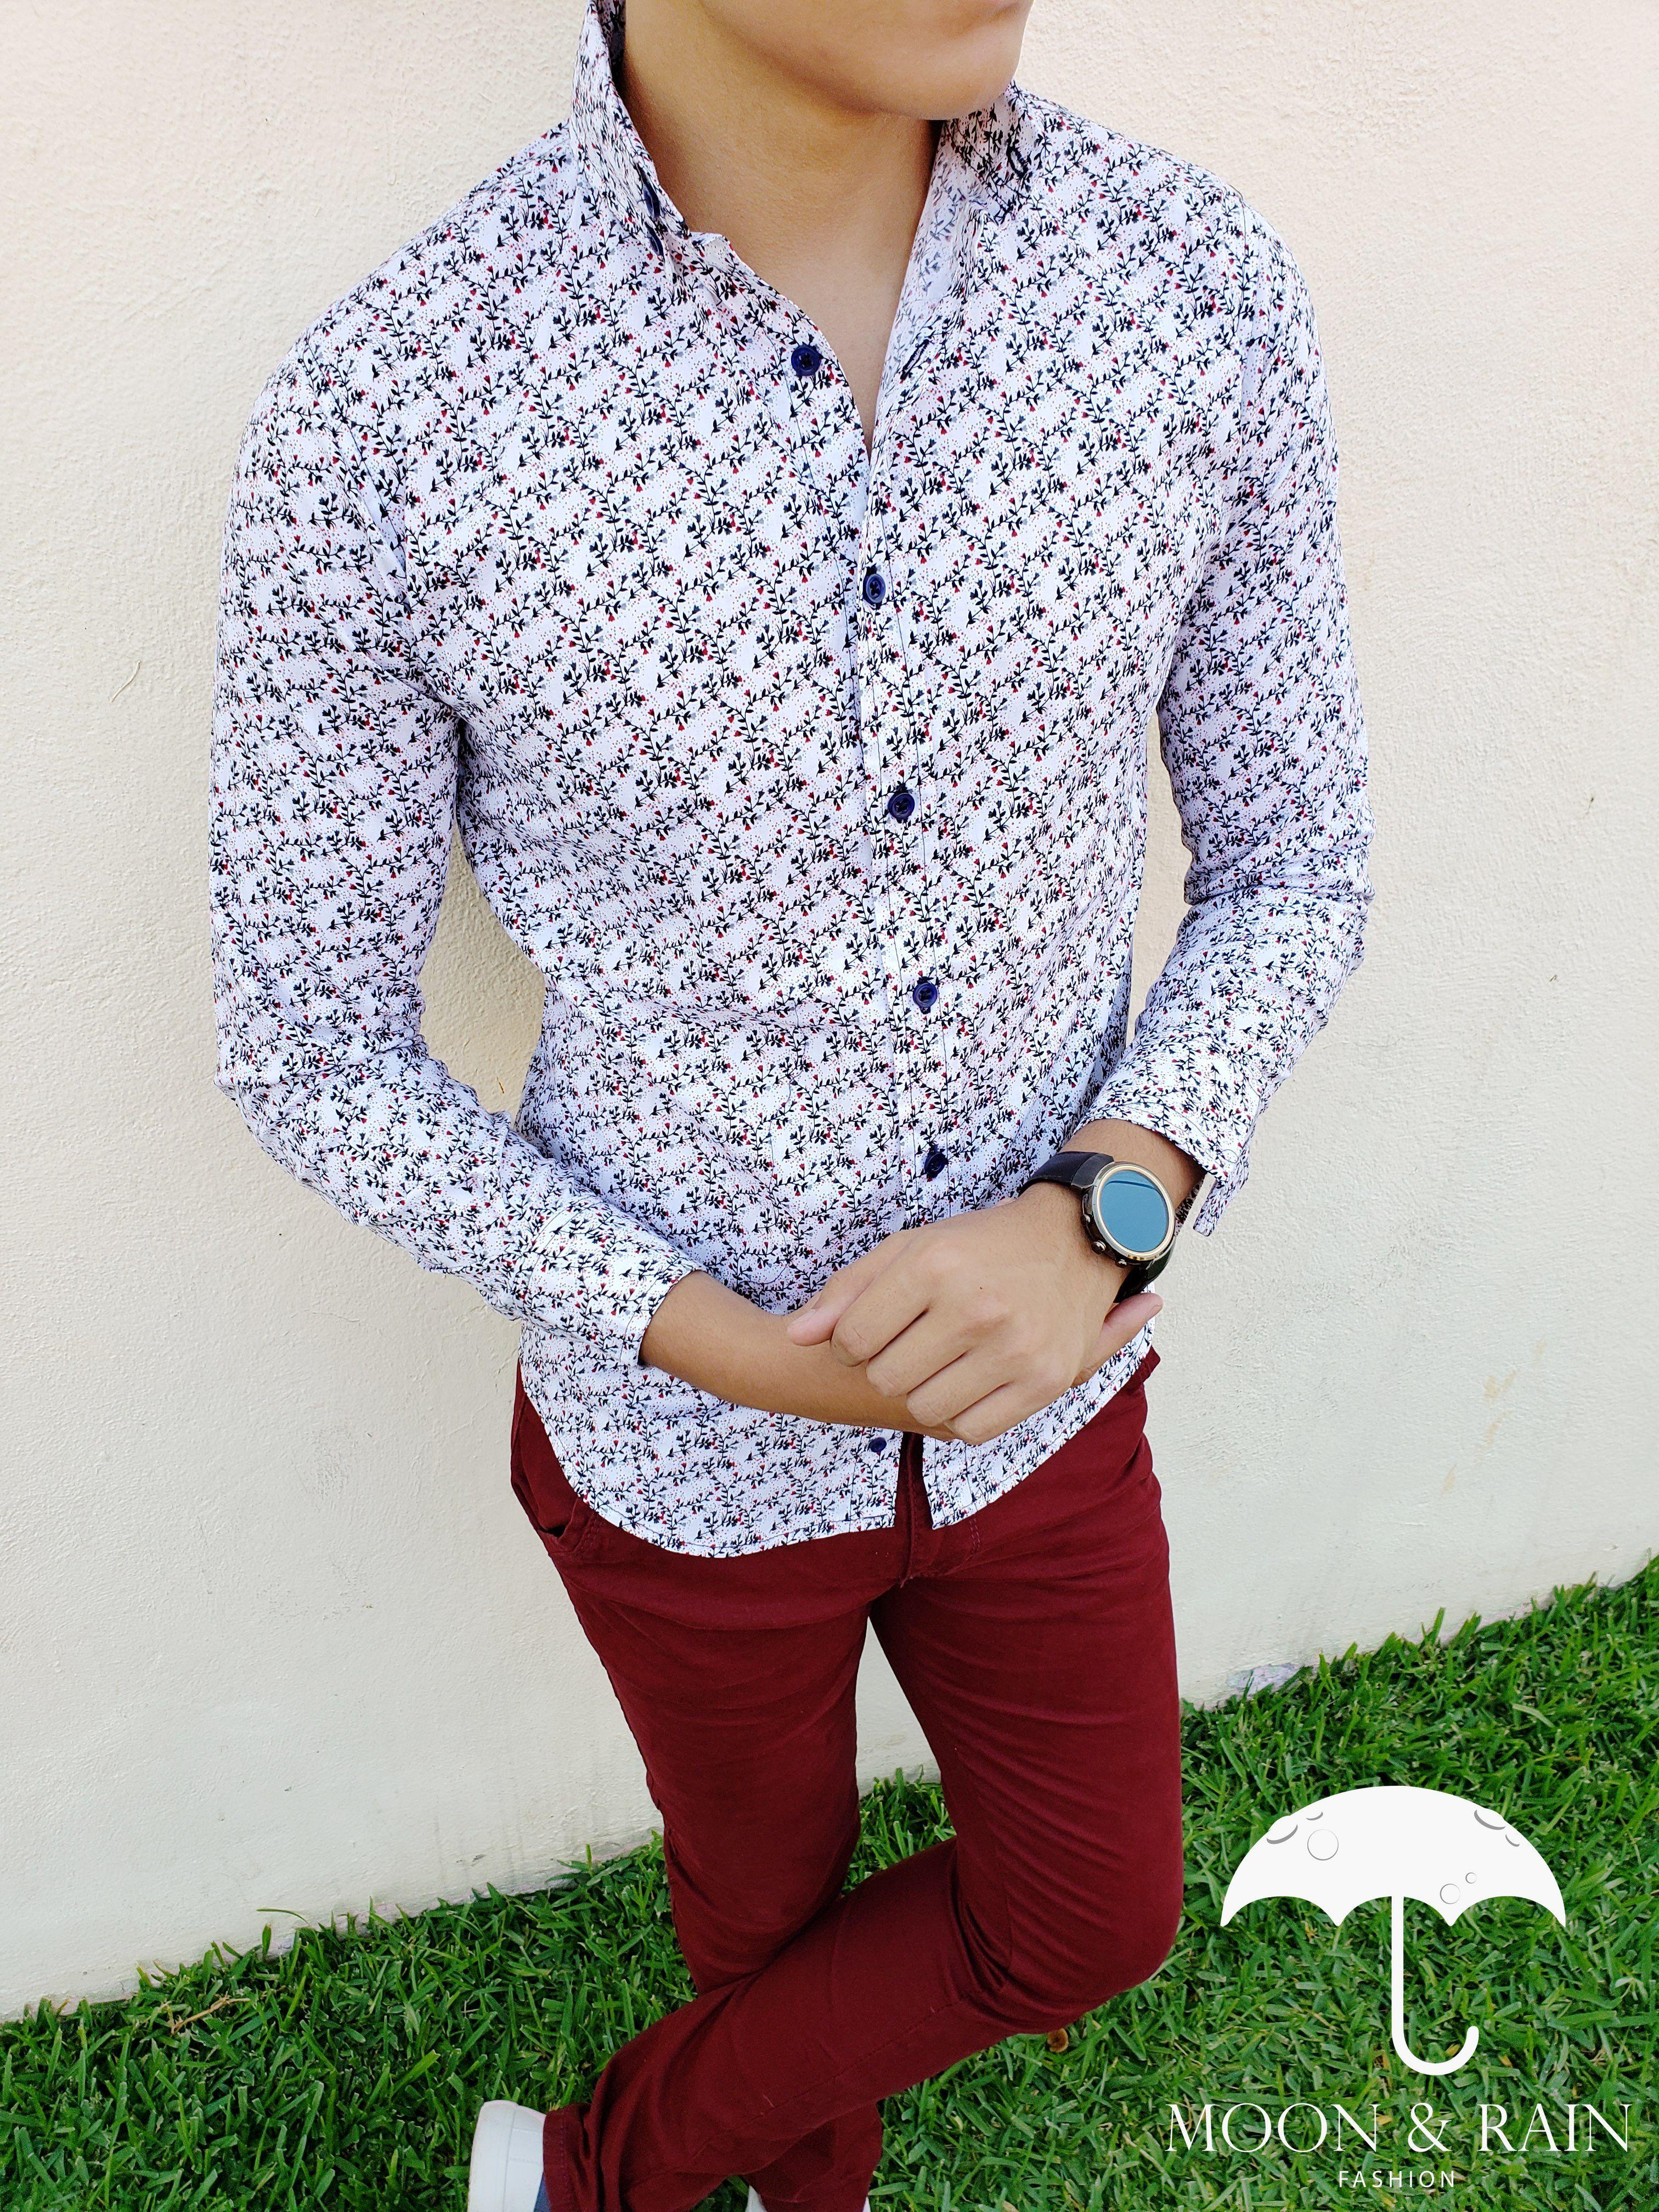 De La Moonamp; Para RainCamisa Flores Blncaa Outfit Hombre Marca rCoexdB